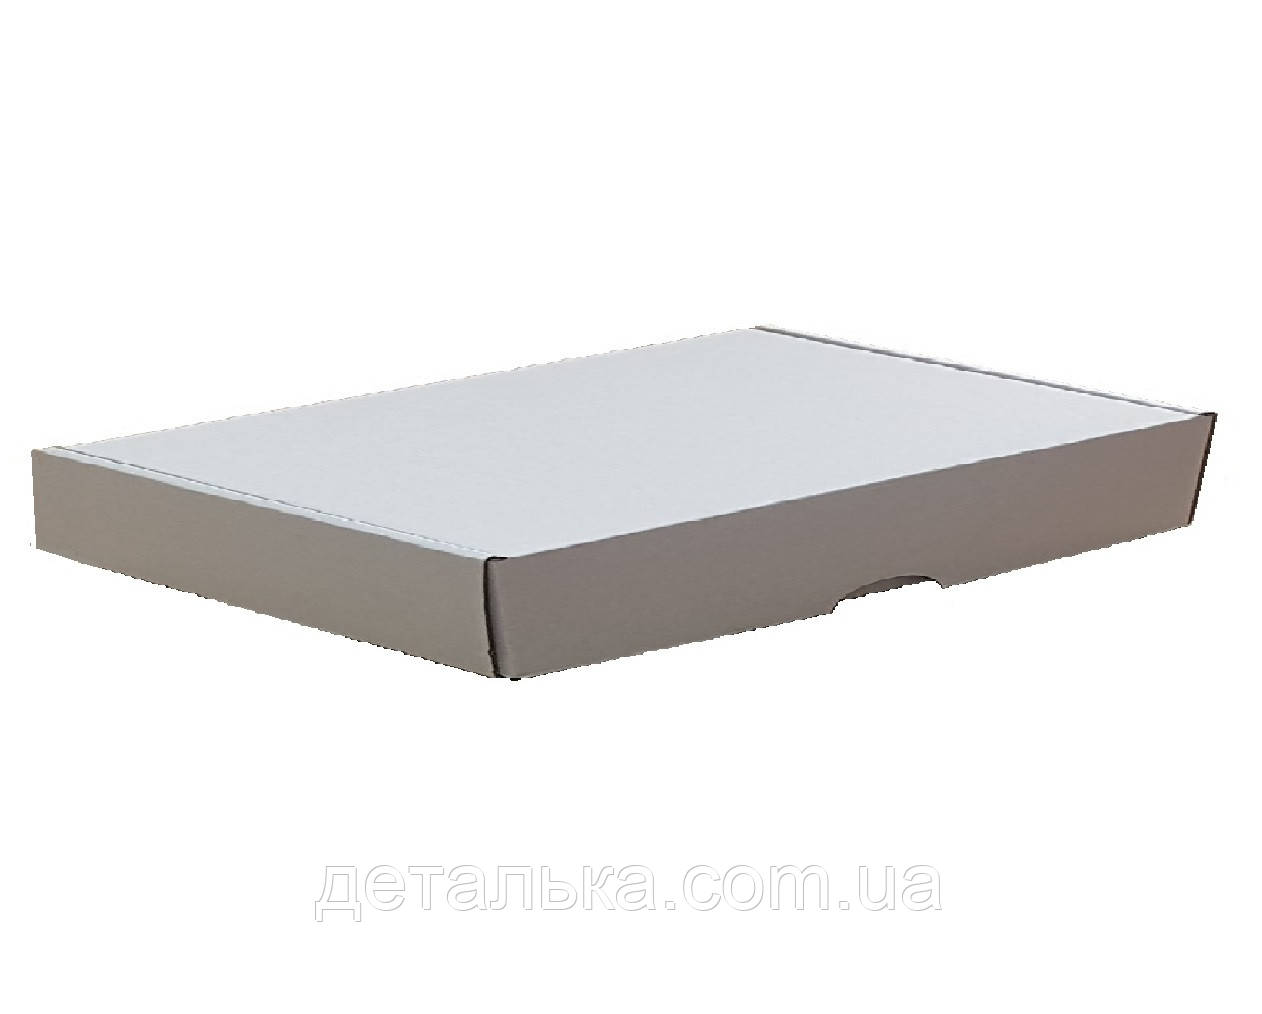 Самосборные картонные коробки 530*460*10 мм.